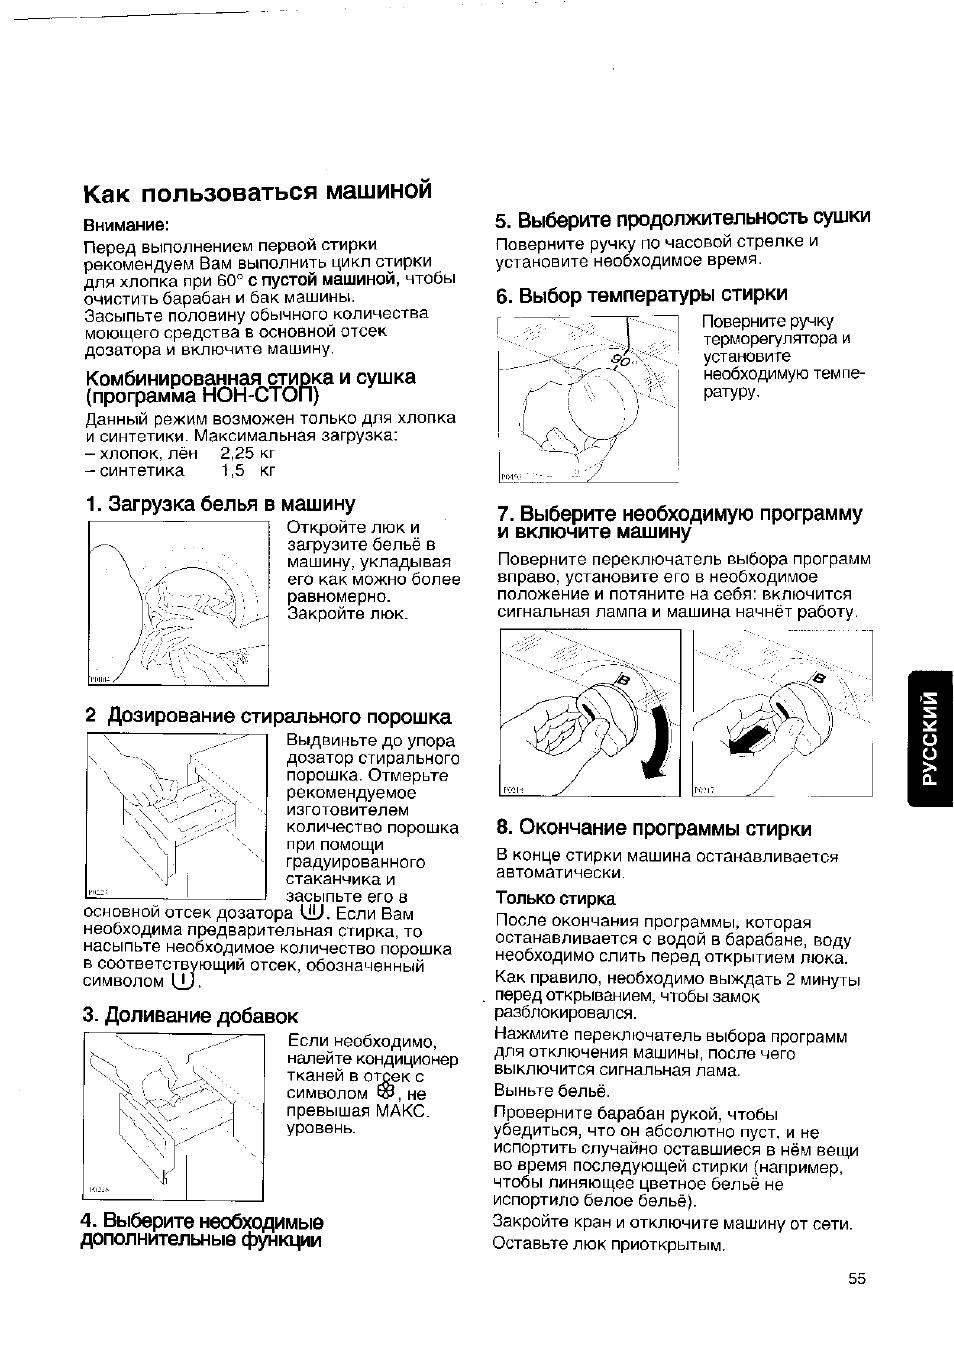 инструкция по эксплуатации zanussi wds832c